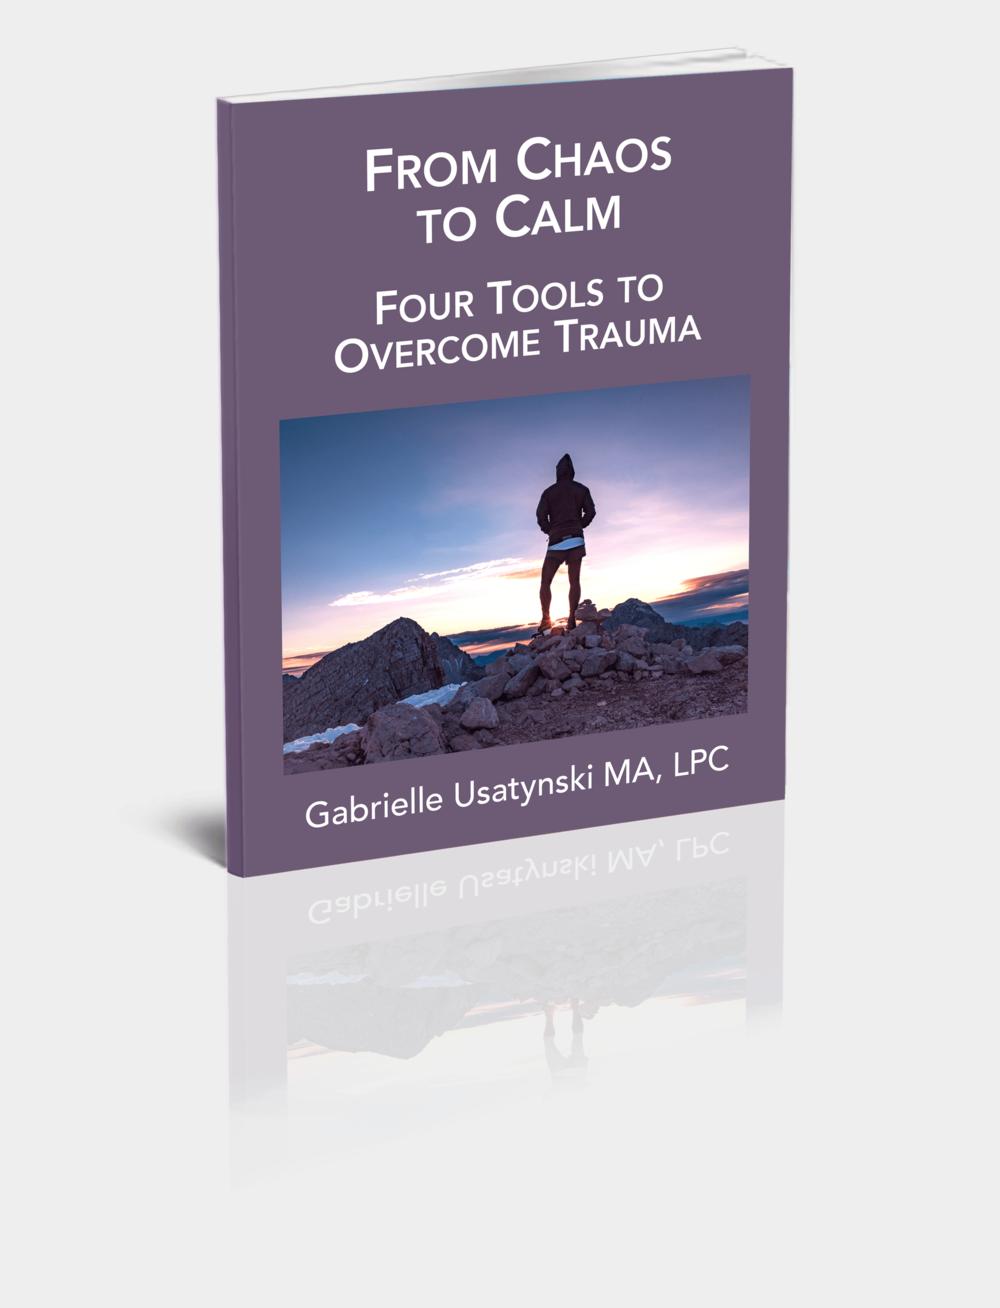 GABRIELLE-U-Trauma-Free-Report-Cover-min.png